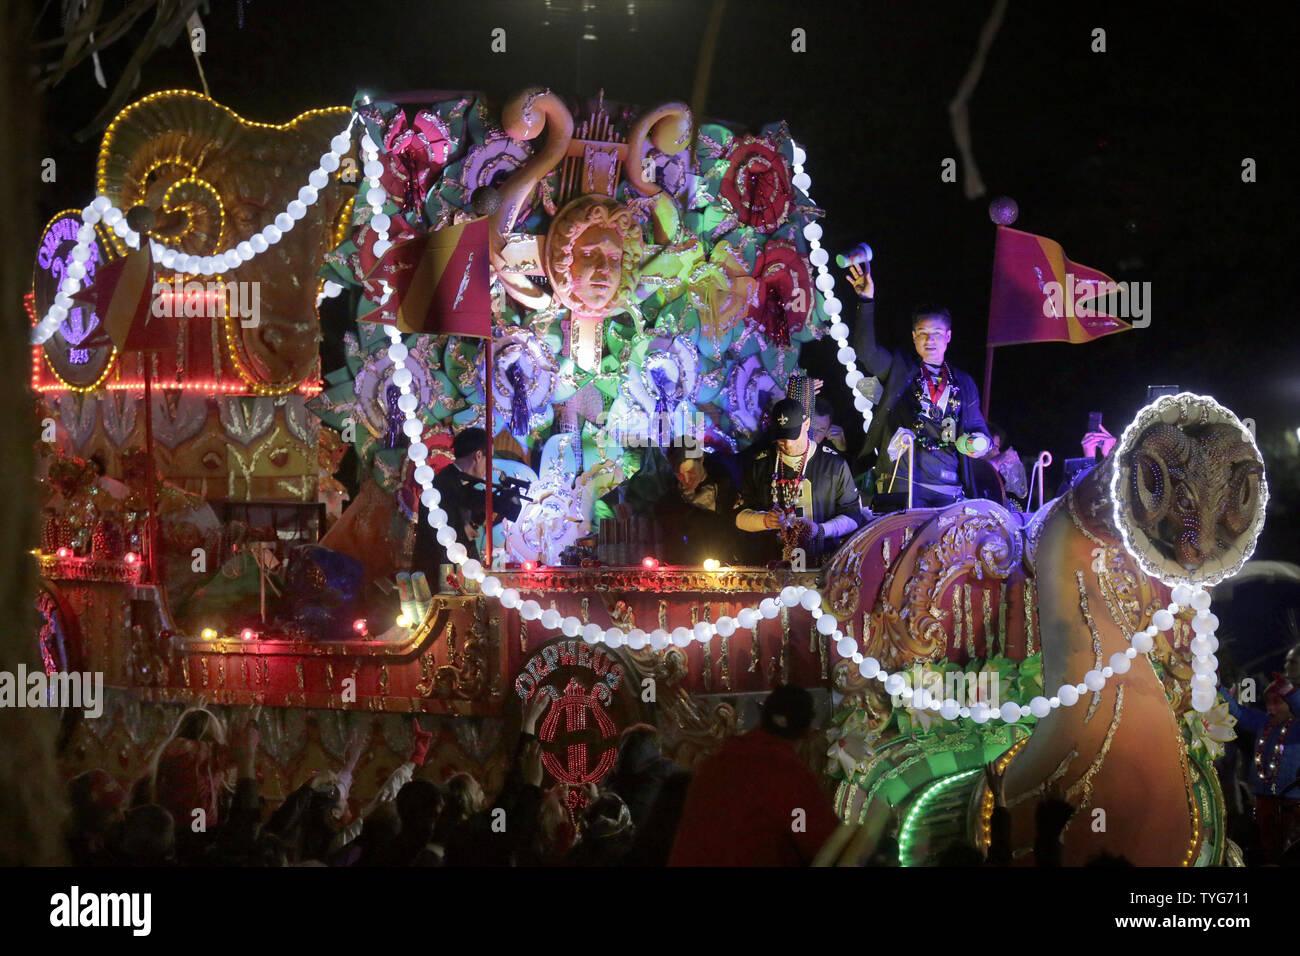 Die Krewe von Orpheus rollt Napoleon Avenue in New Orleans am 4. März 2019. 1993 gegründet, die Krewe von Orpheus hat seinen Namen von Zeus und CalliopeÕs musikalisch geneigte Sohn. Foto von AJ Sisco/UPI. Stockbild